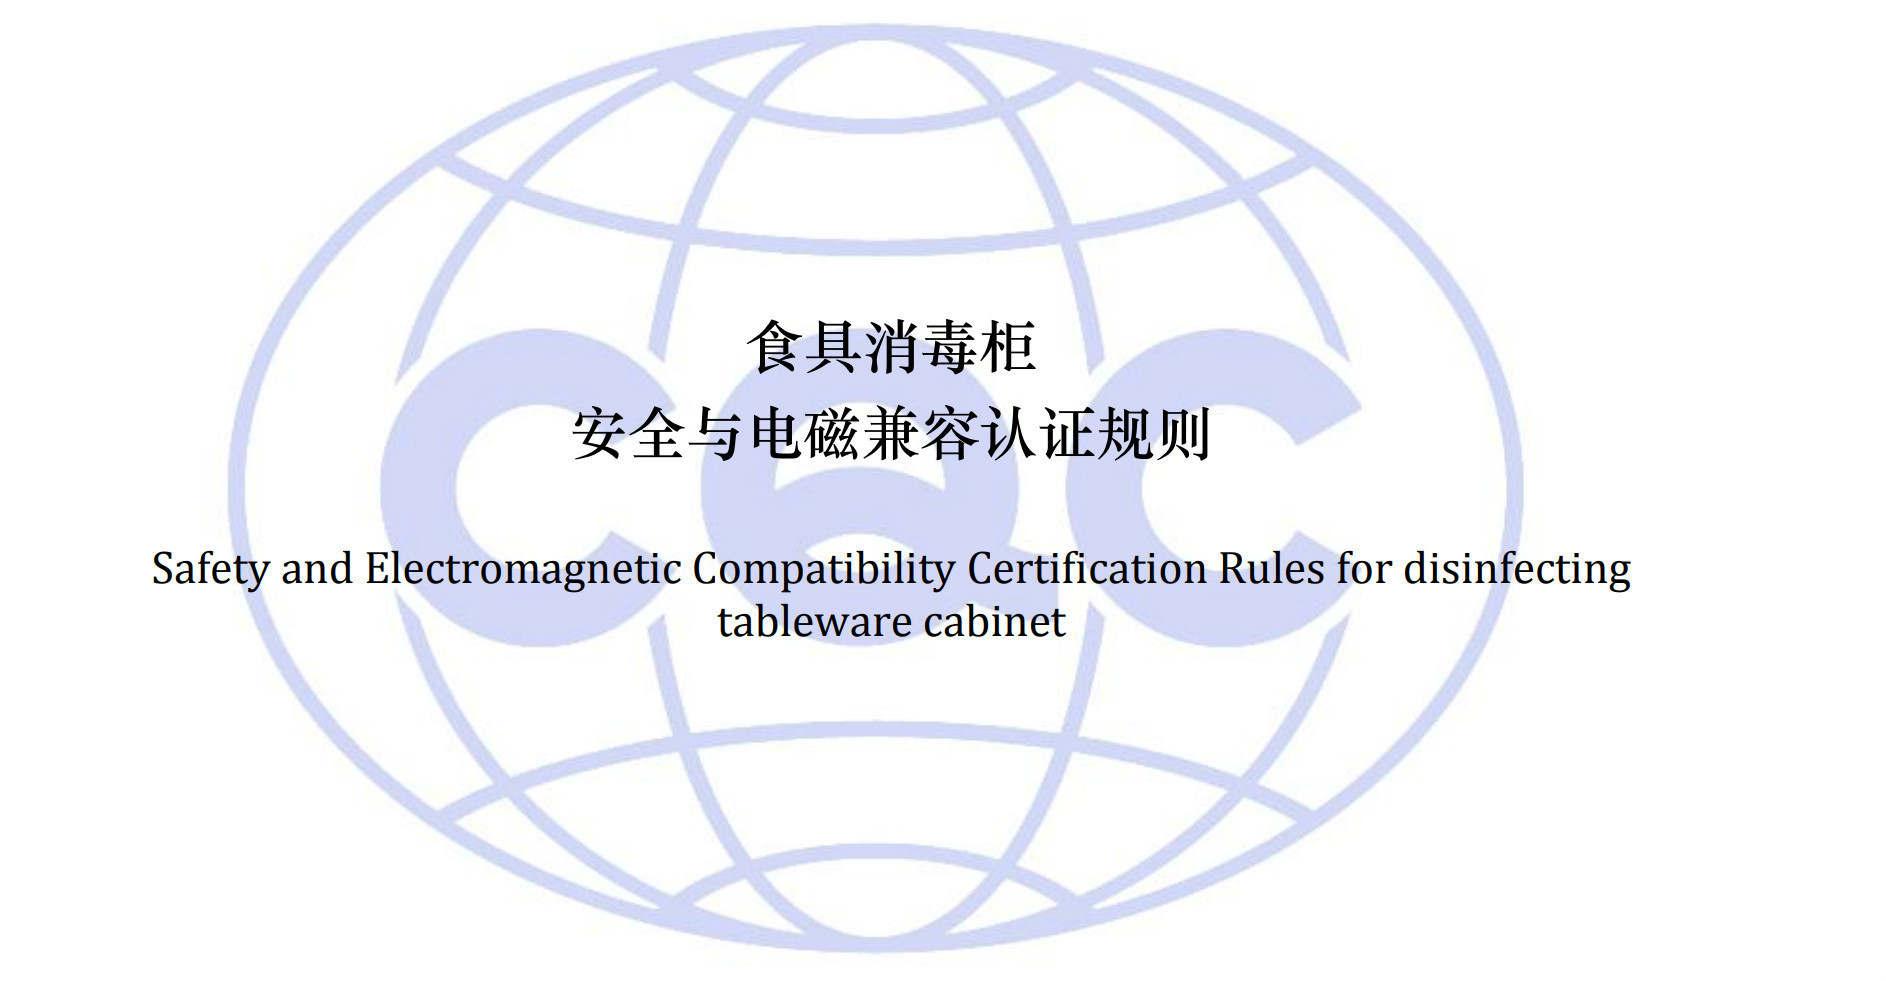 四川消 毒柜CQC标 准规范